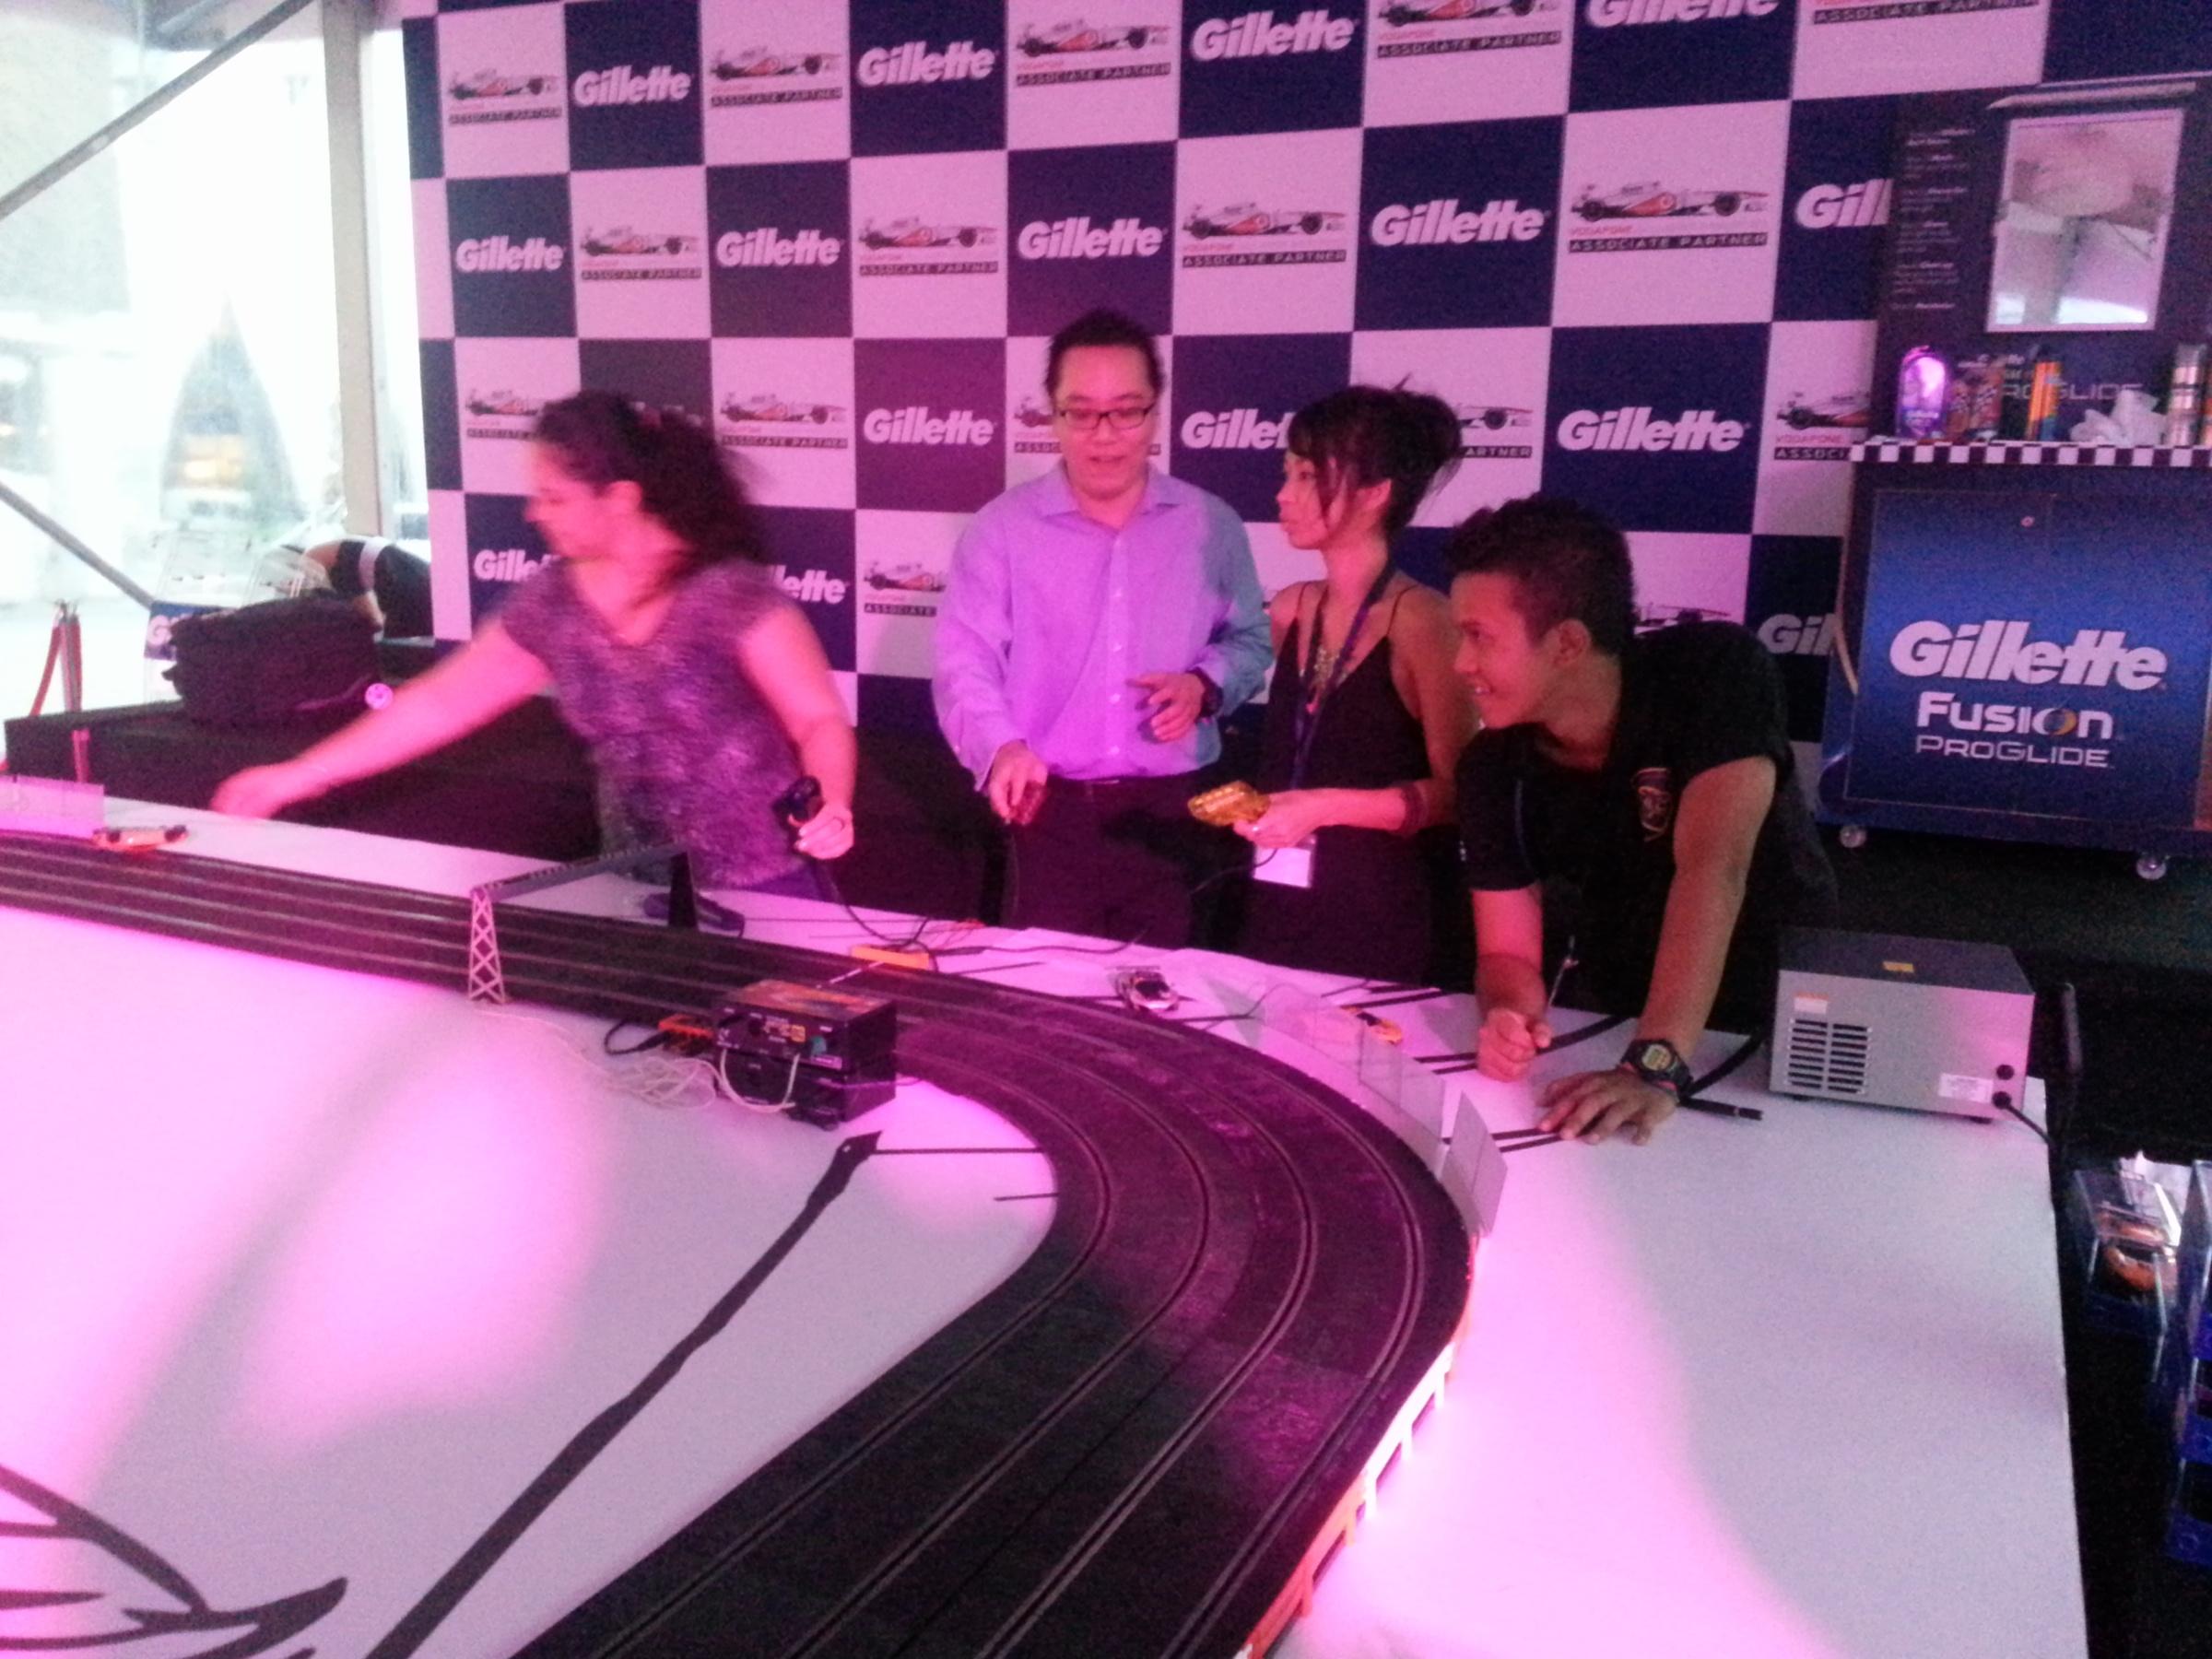 slot car racing, vivocity, gilette, mika hakkinen, f1 singapore, singapore night race